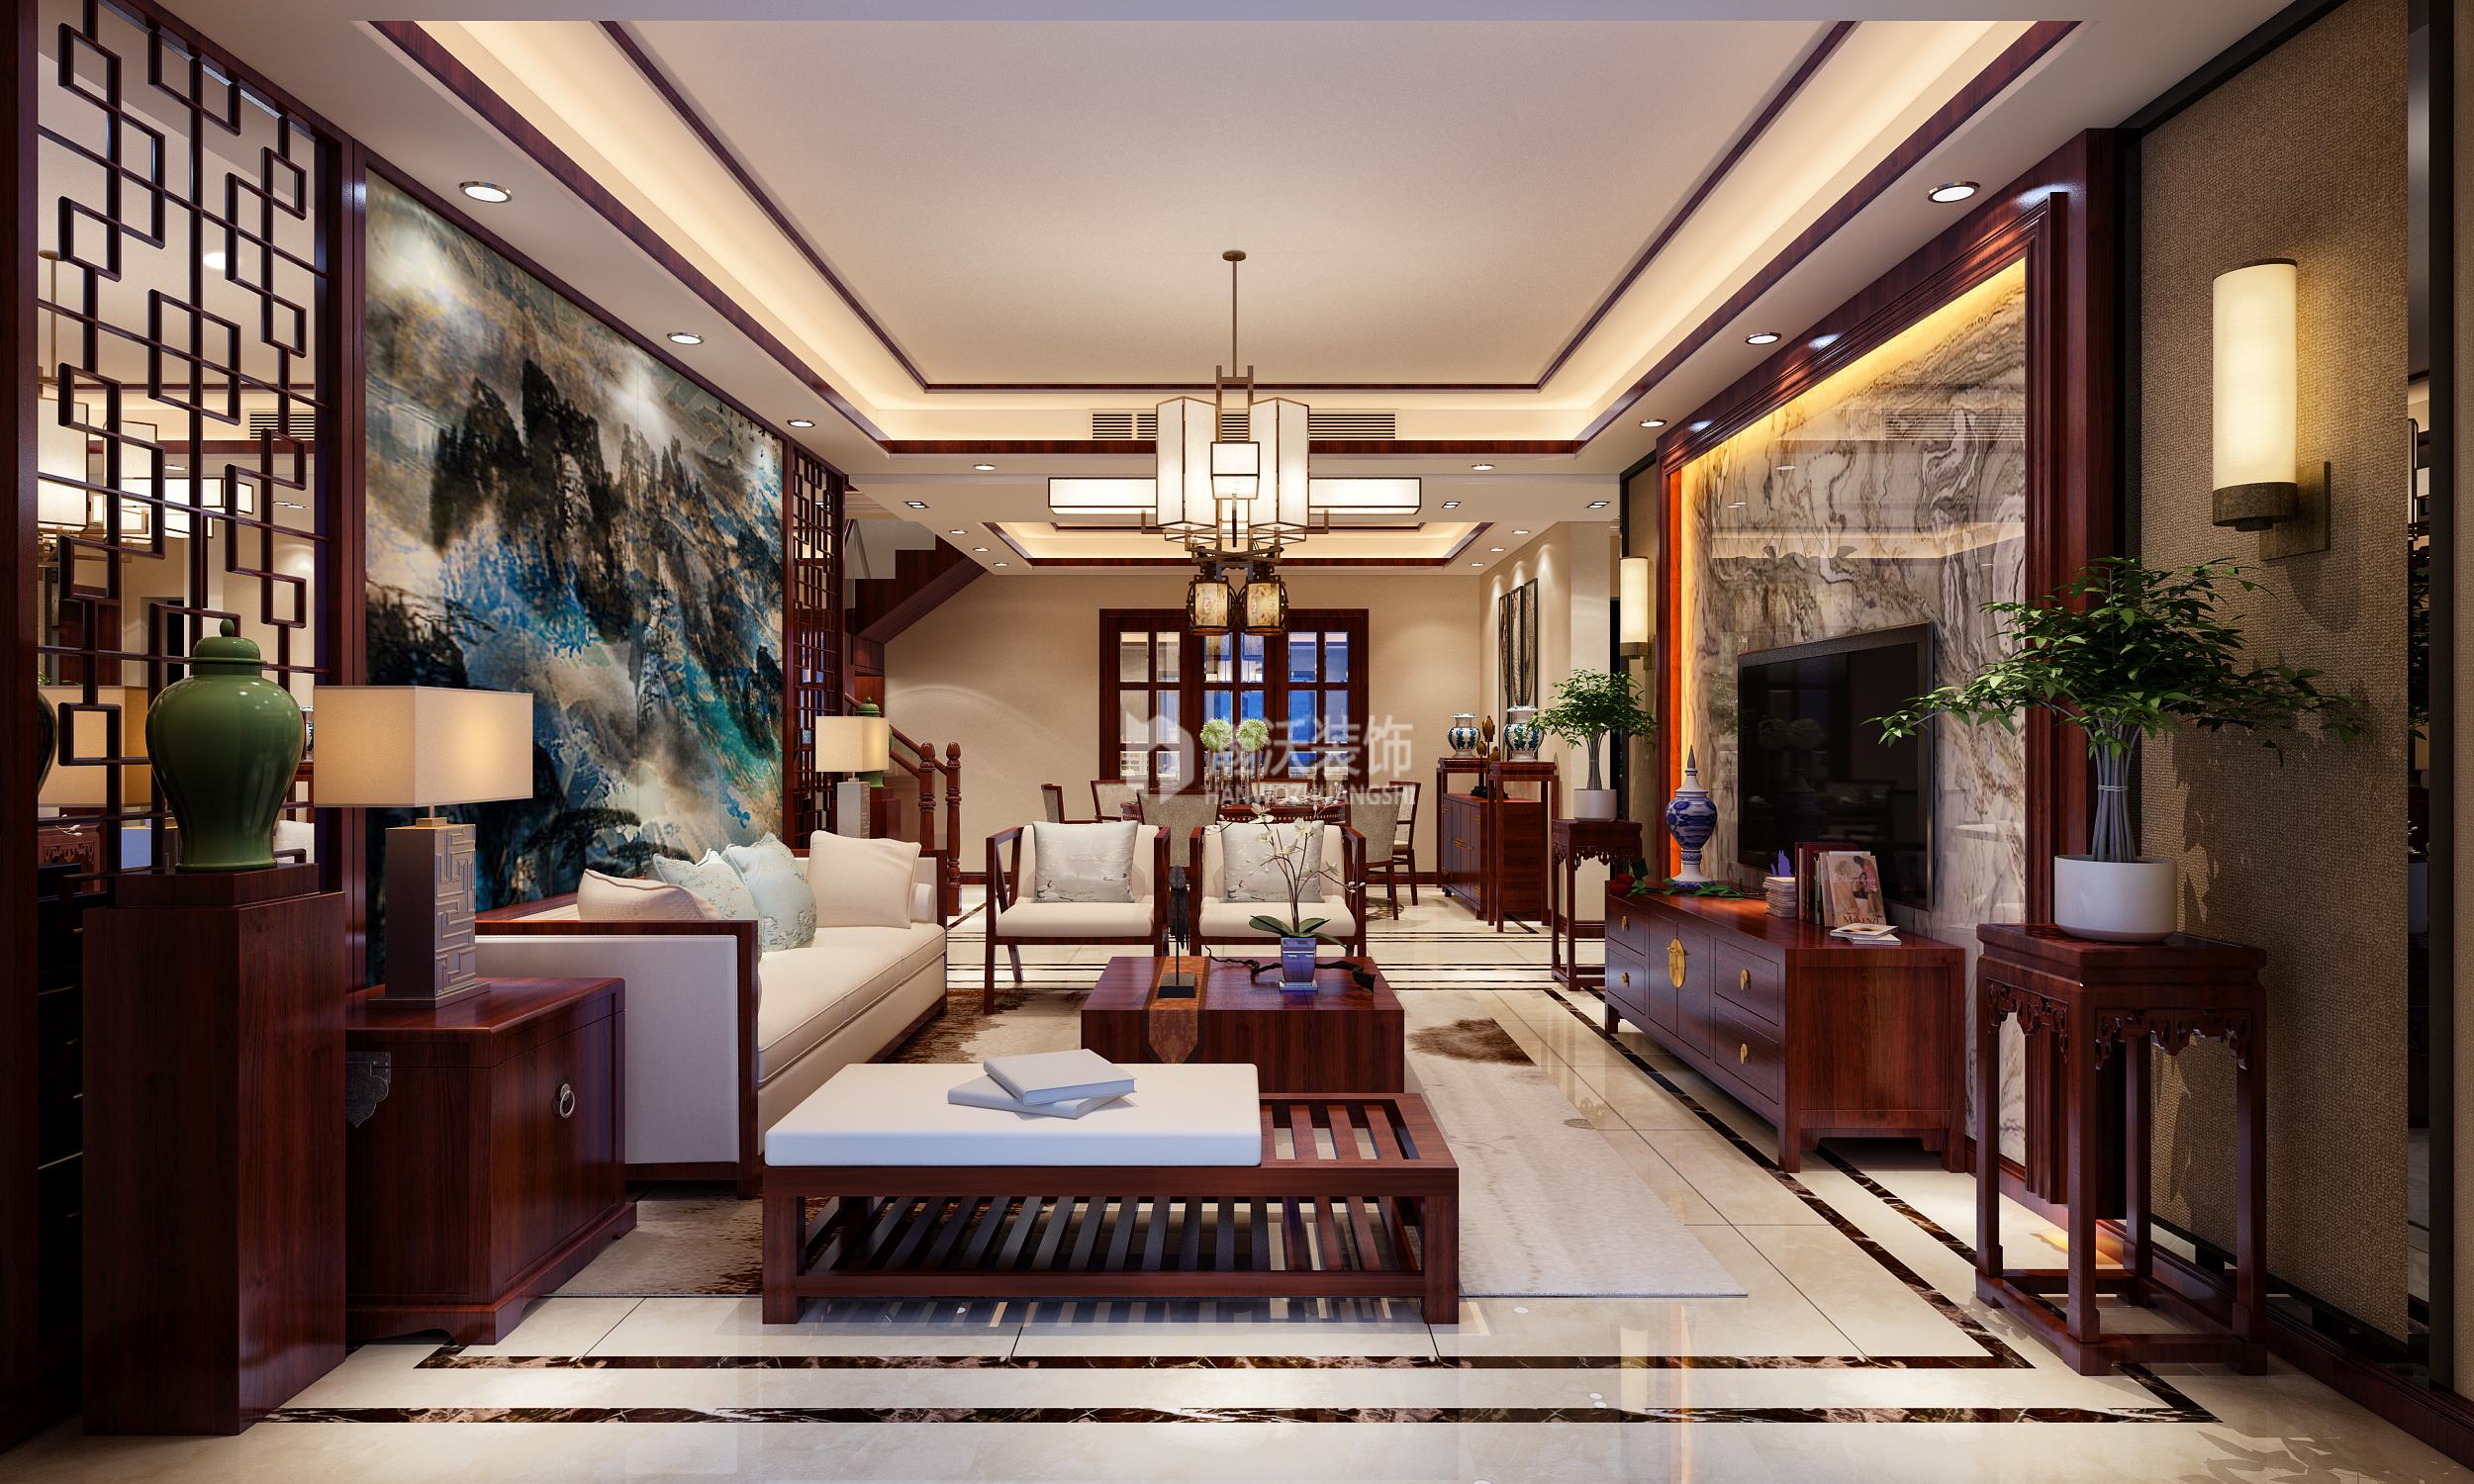 别墅 中式 龙华苑 客厅图片来自河北瀚沃装饰在龙华苑中式案例的分享